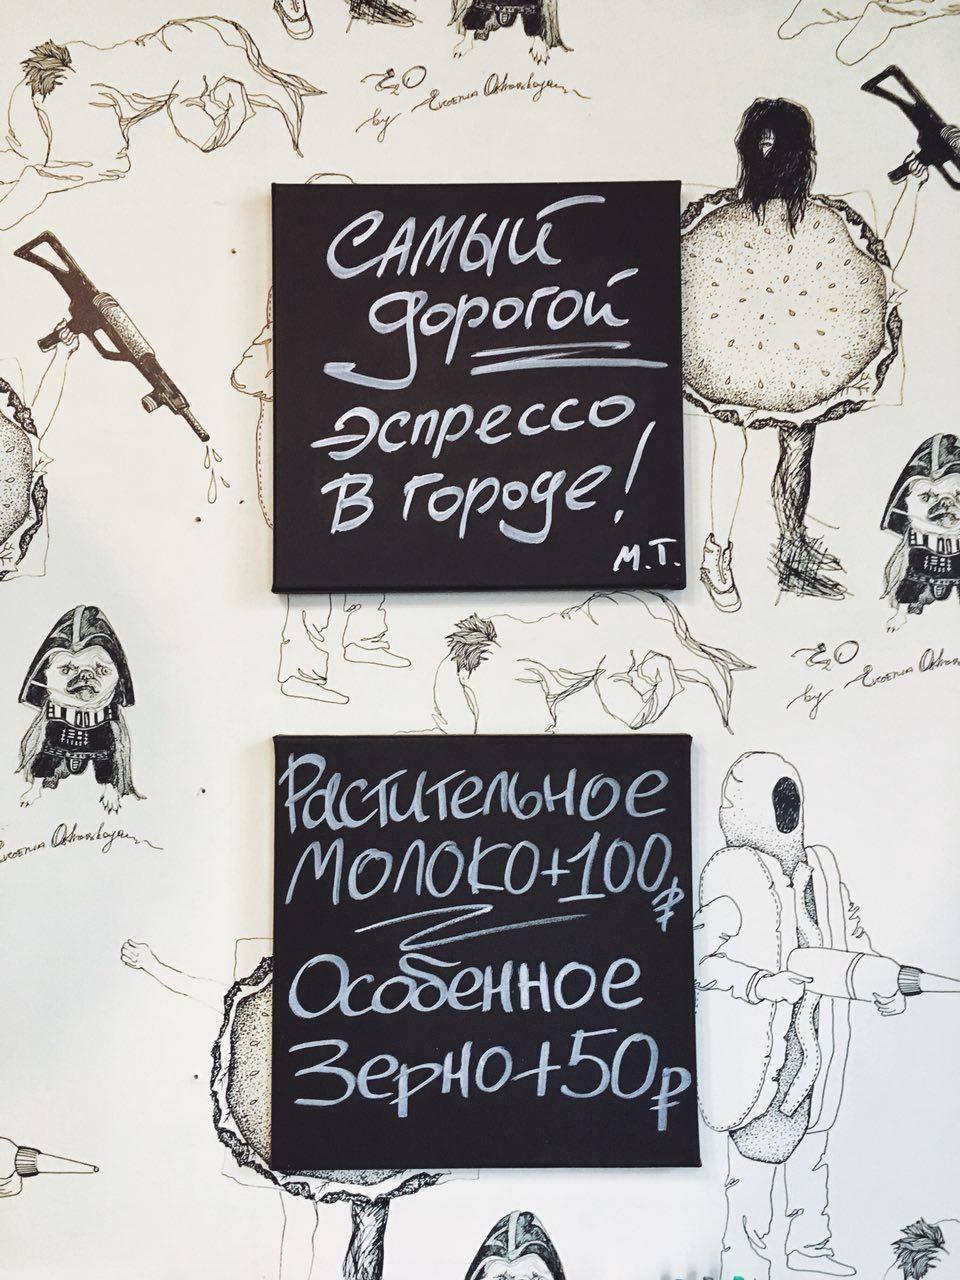 Кофейня кофе - это фрукт Краснодар